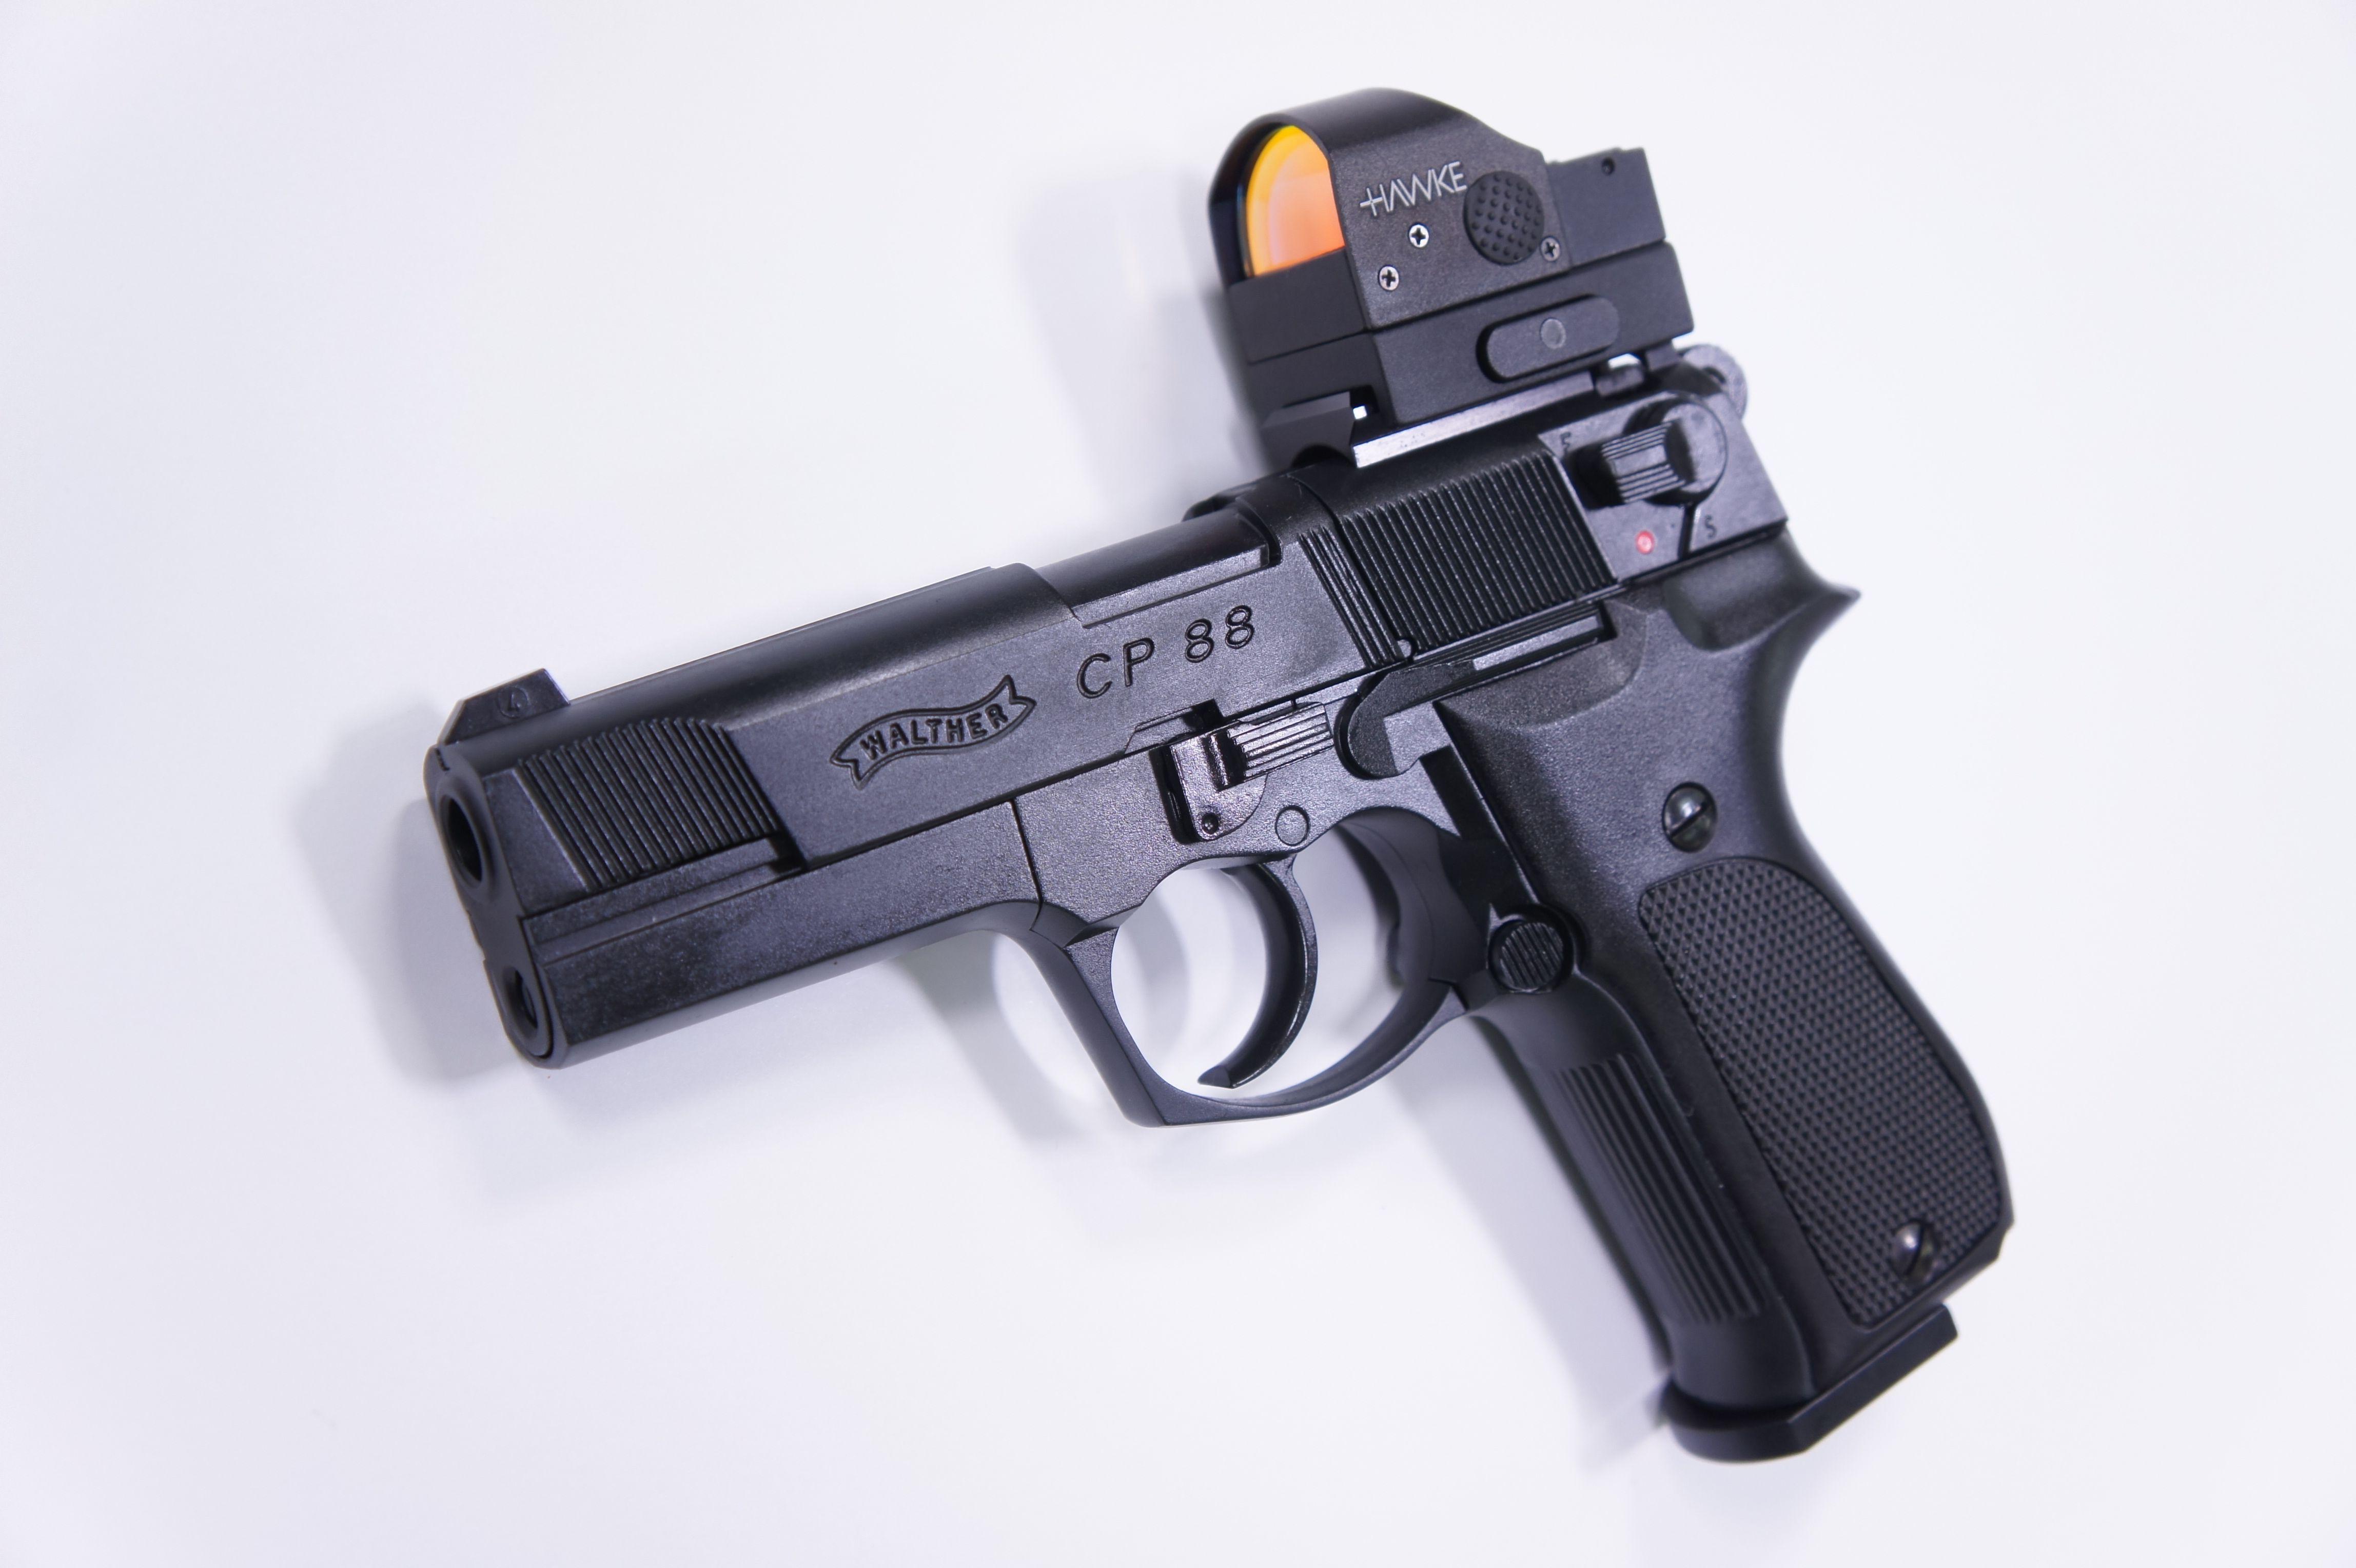 Montagebeispiel auf  <a href=1050061.htm> CO2 Pistole Walther CP88 schwarz, 4 Zoll</a> mit <a href=1130225.htm>Hawke Reflexvisier 1x25</a>